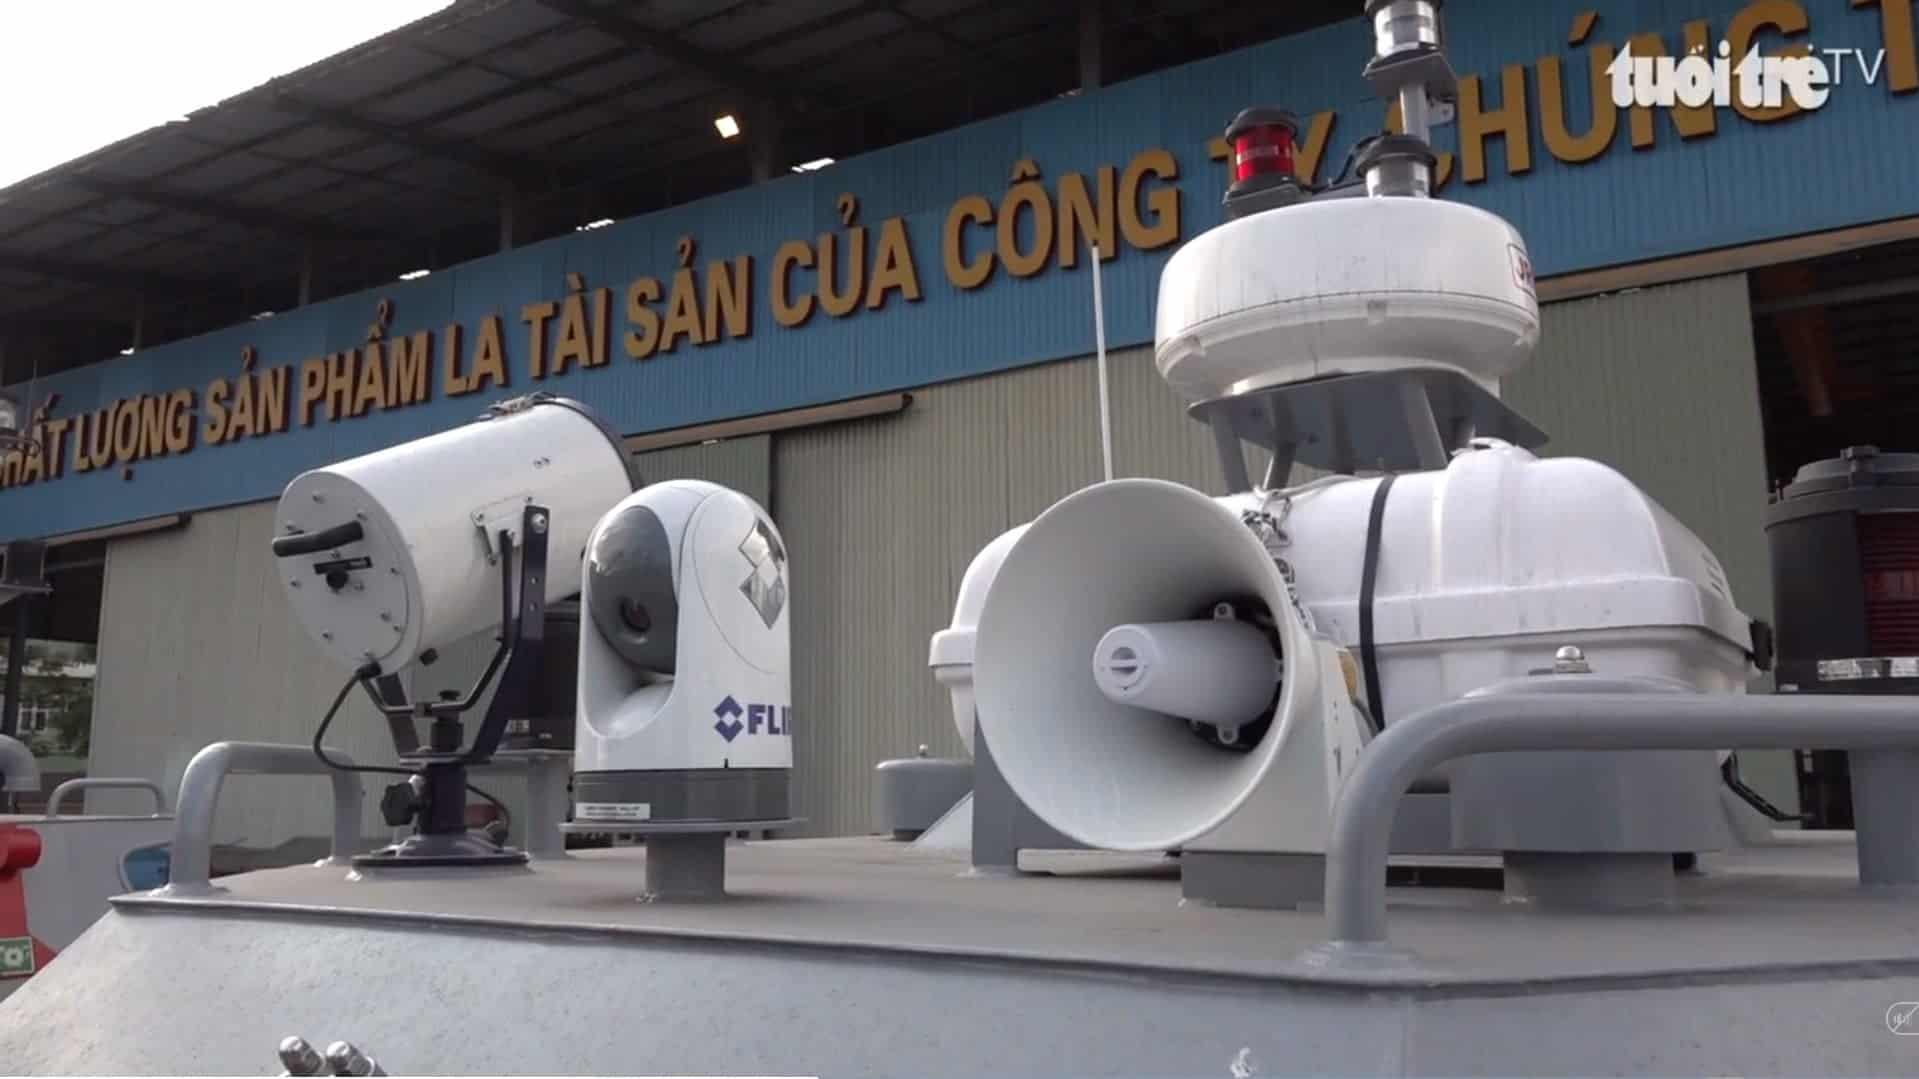 Радіотехнічне обладнання швидкісних патрульних катерів виготовлених у В'єтнамі для однієї з африканських країн